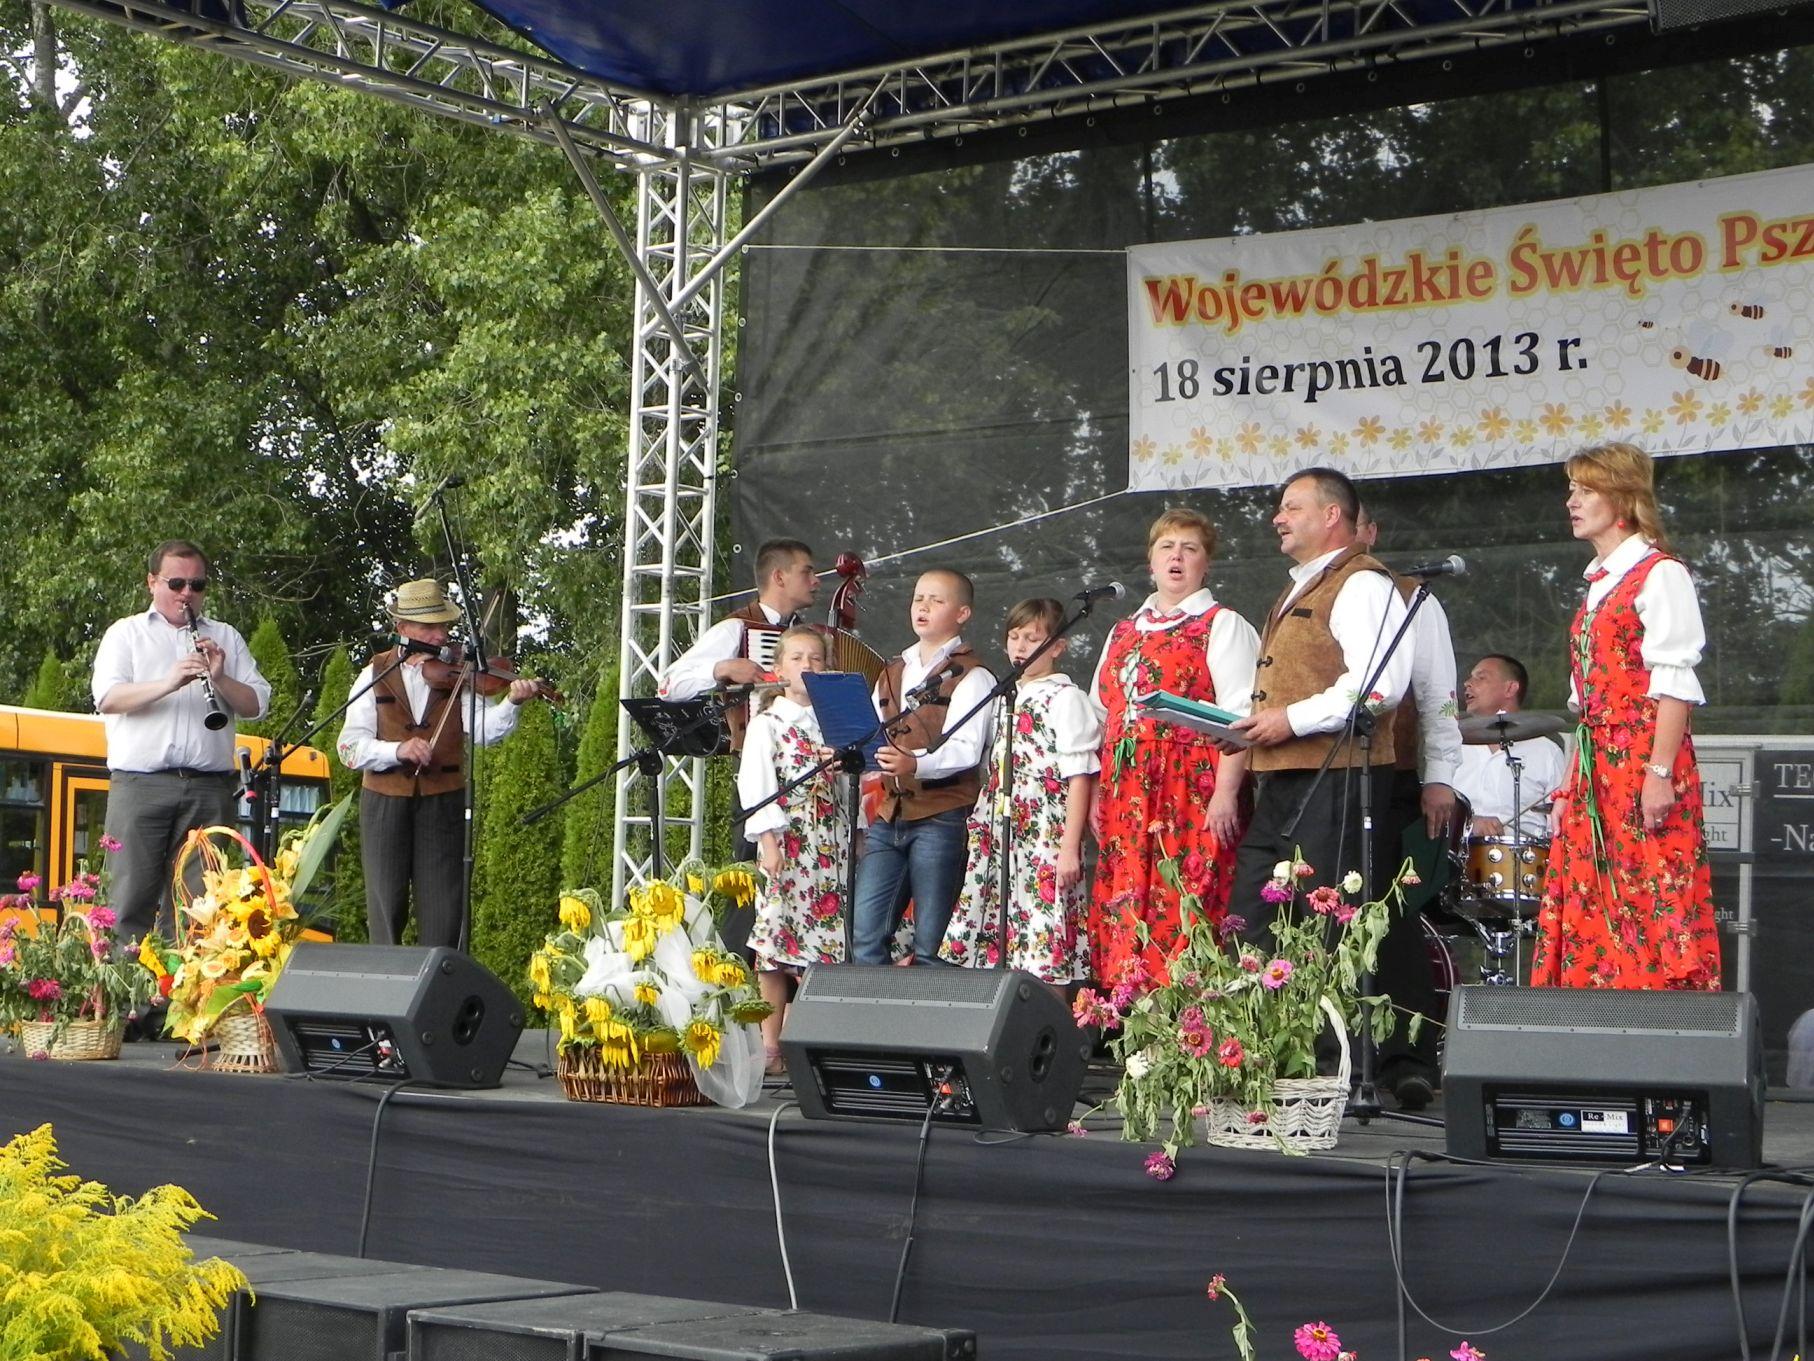 2013-08-18 Dożynki pszczelarskie (44)